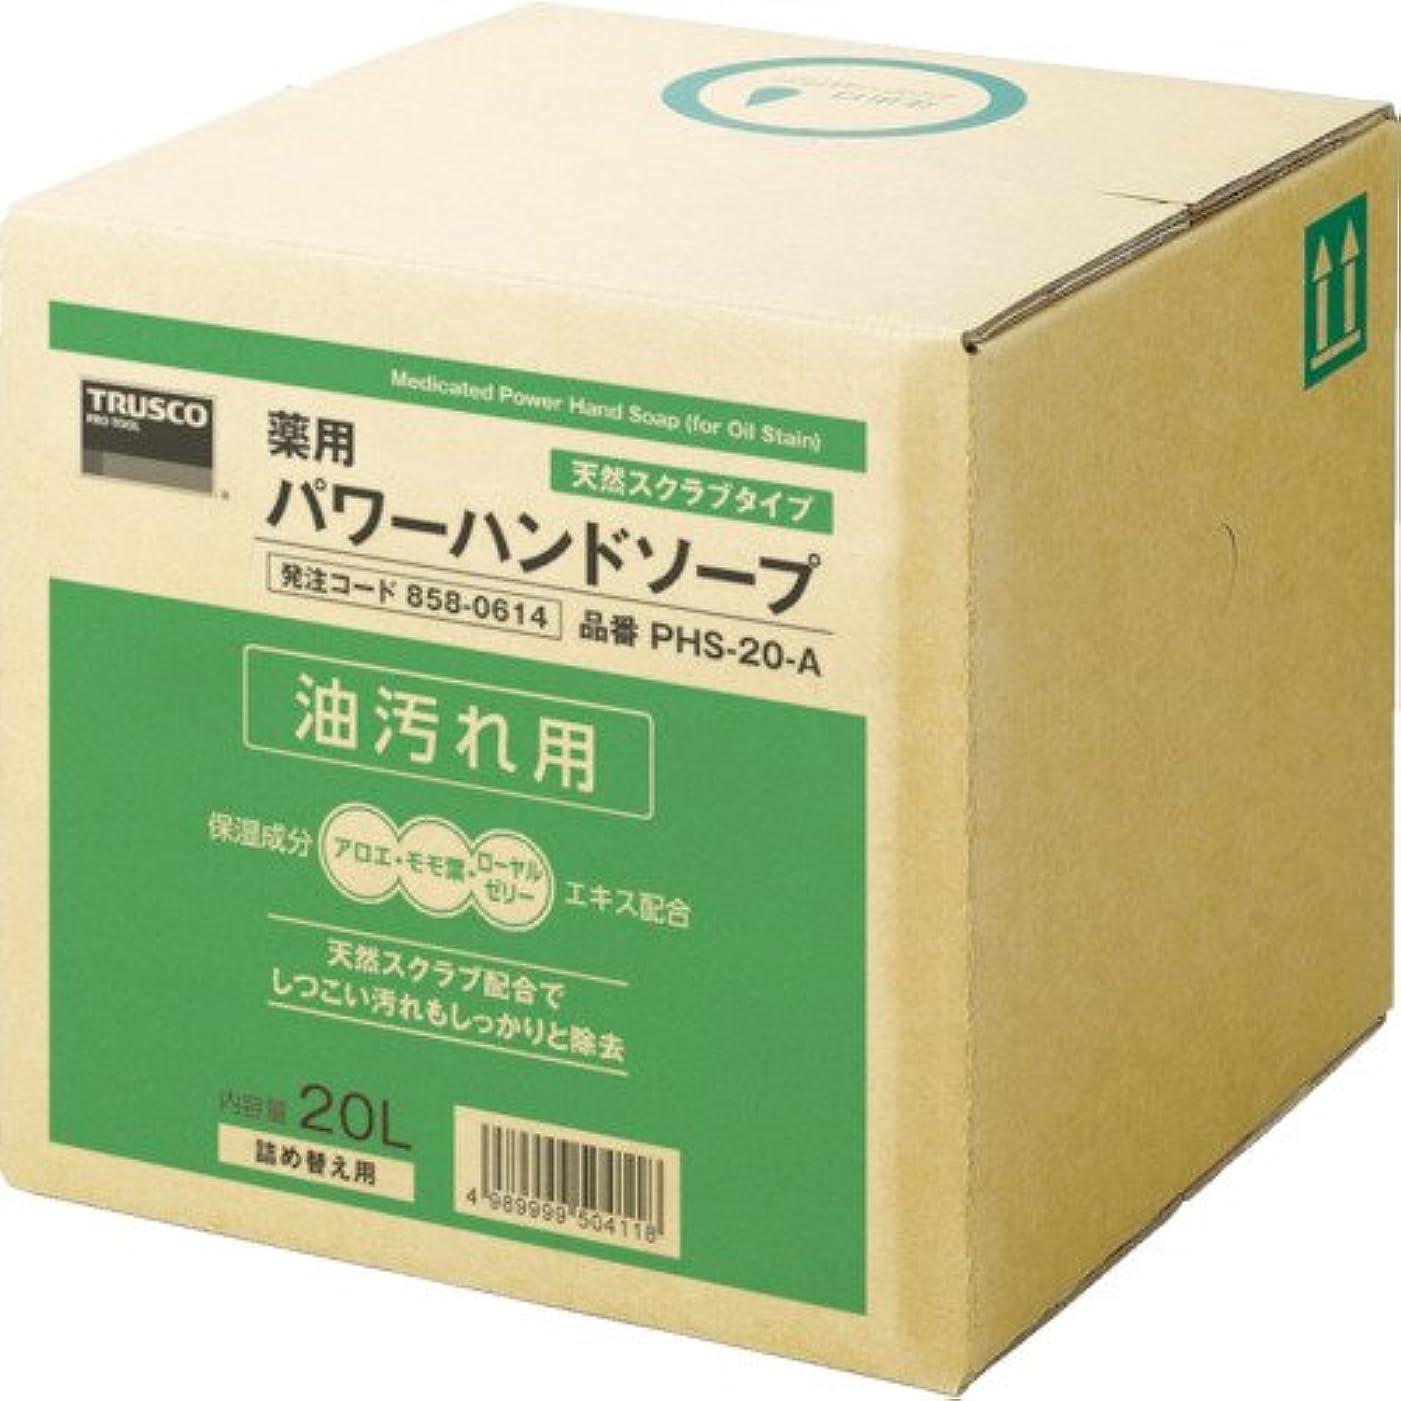 枝判定刑務所トラスコ中山 株 TRUSCO 薬用パワーハンドソープ 20L PHS-20-A